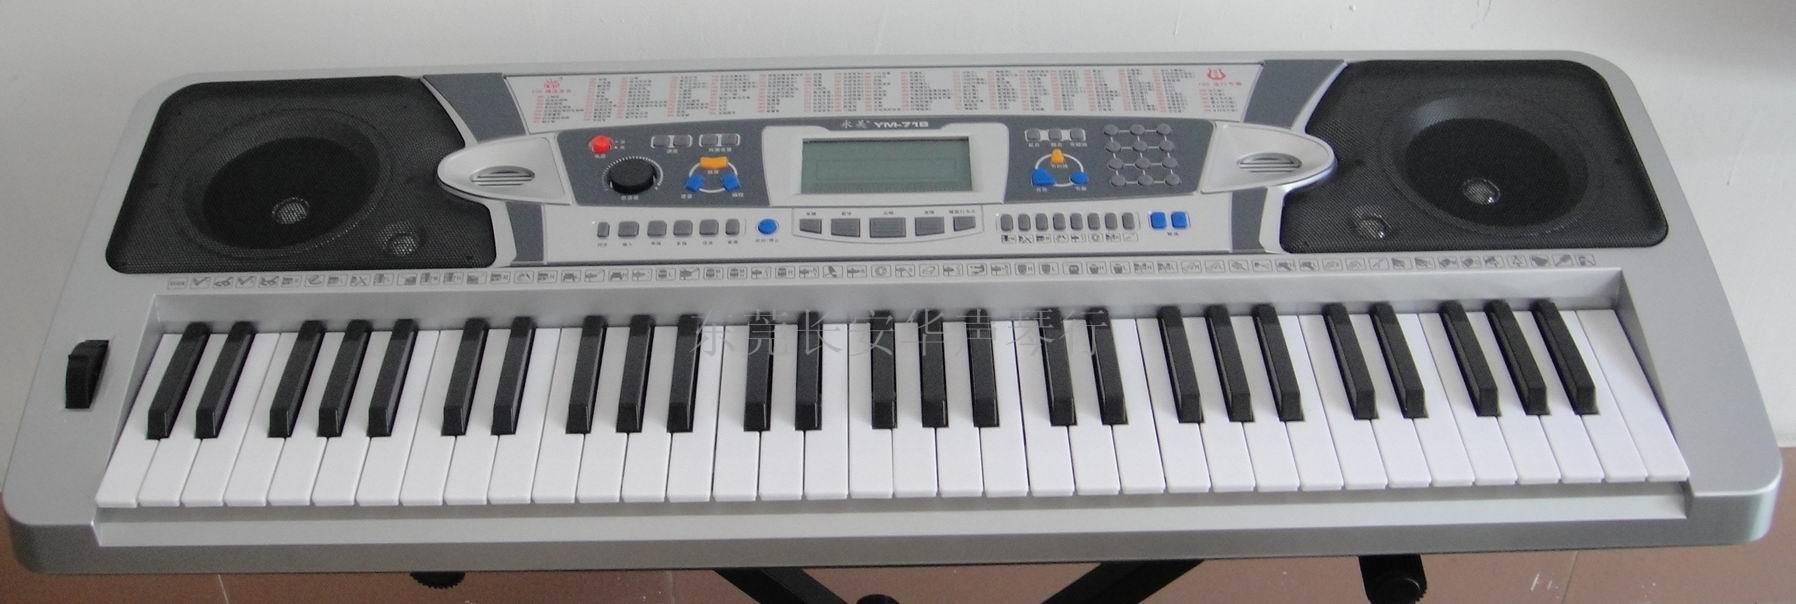 【华声琴行】电子琴 61键电子琴 永美电子琴